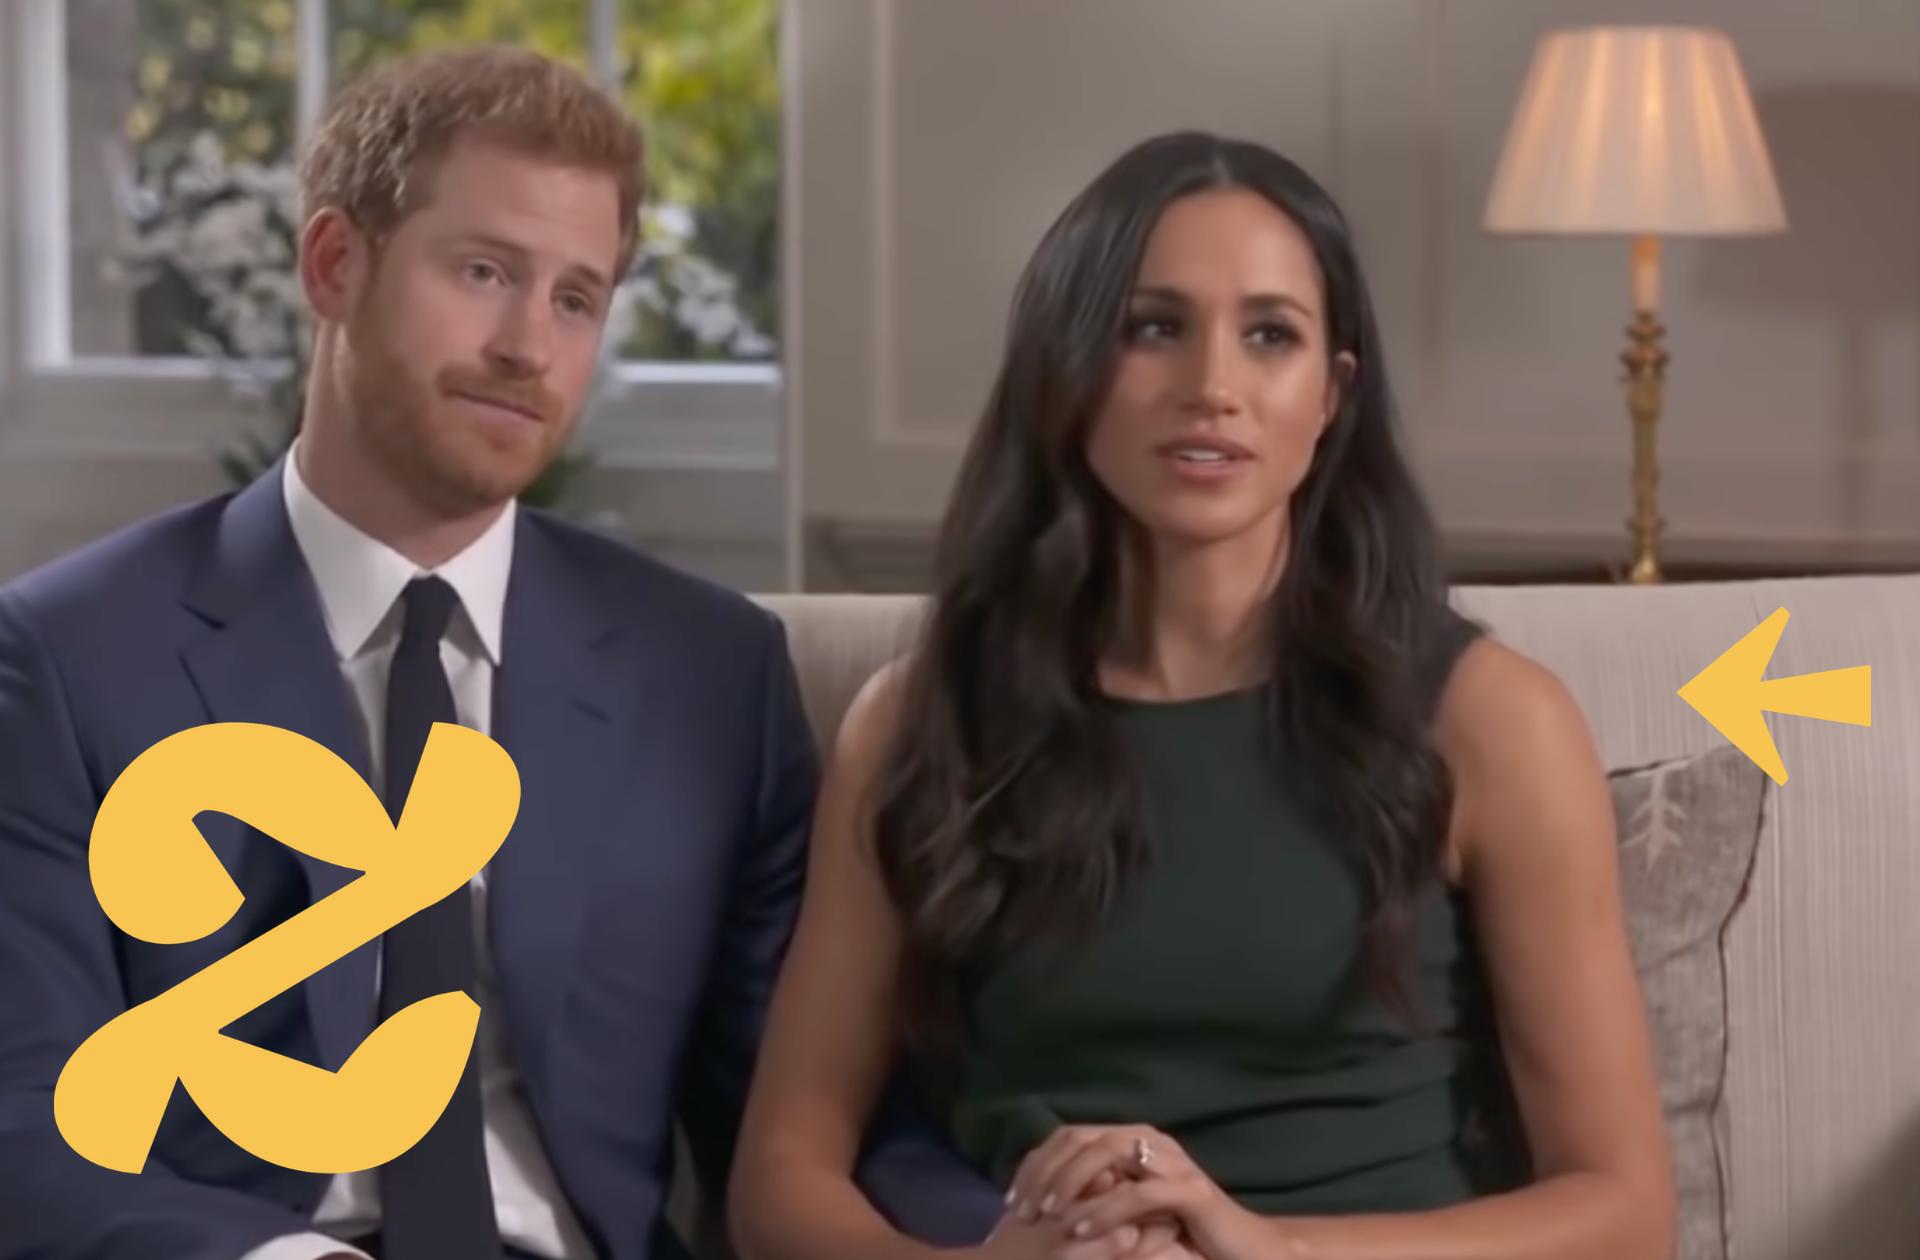 Pourquoi Harry et Meghan ont-ils appelé leur fille Lilibet Diana?